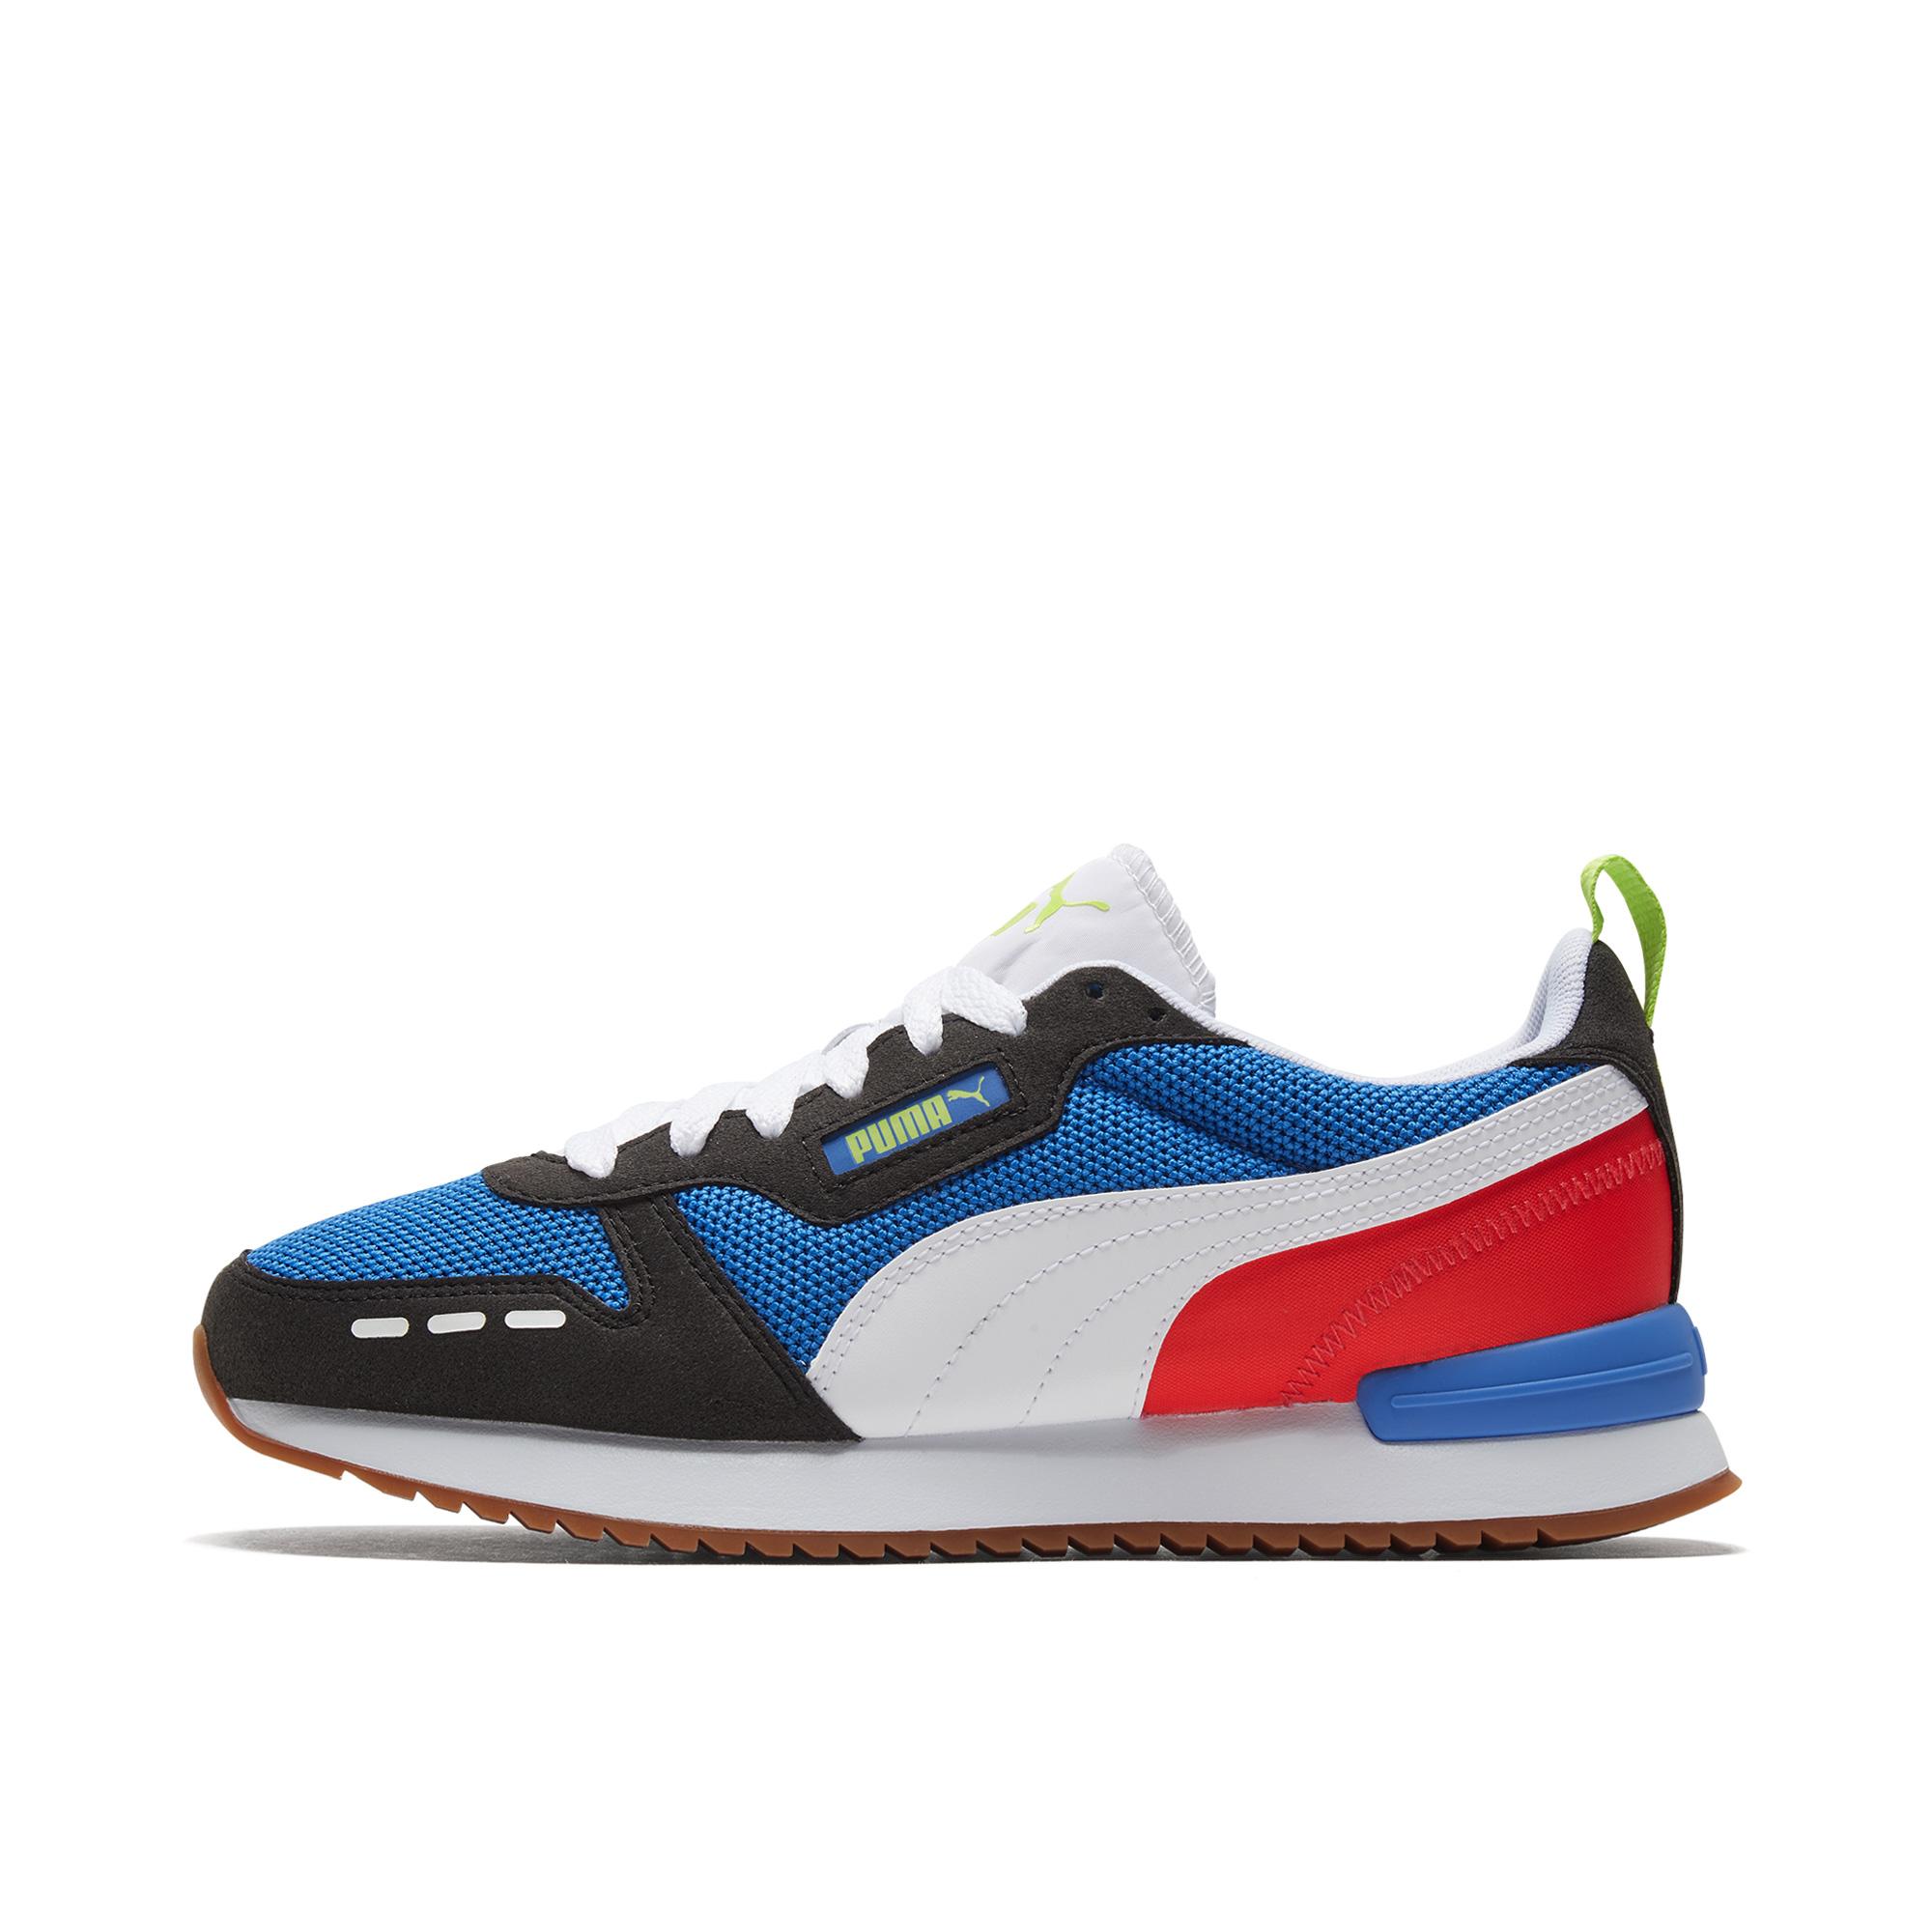 12日0点:PUMA 彪马 373117-03 中性低帮轻便休闲鞋 119.5元包邮(需用券、920件)